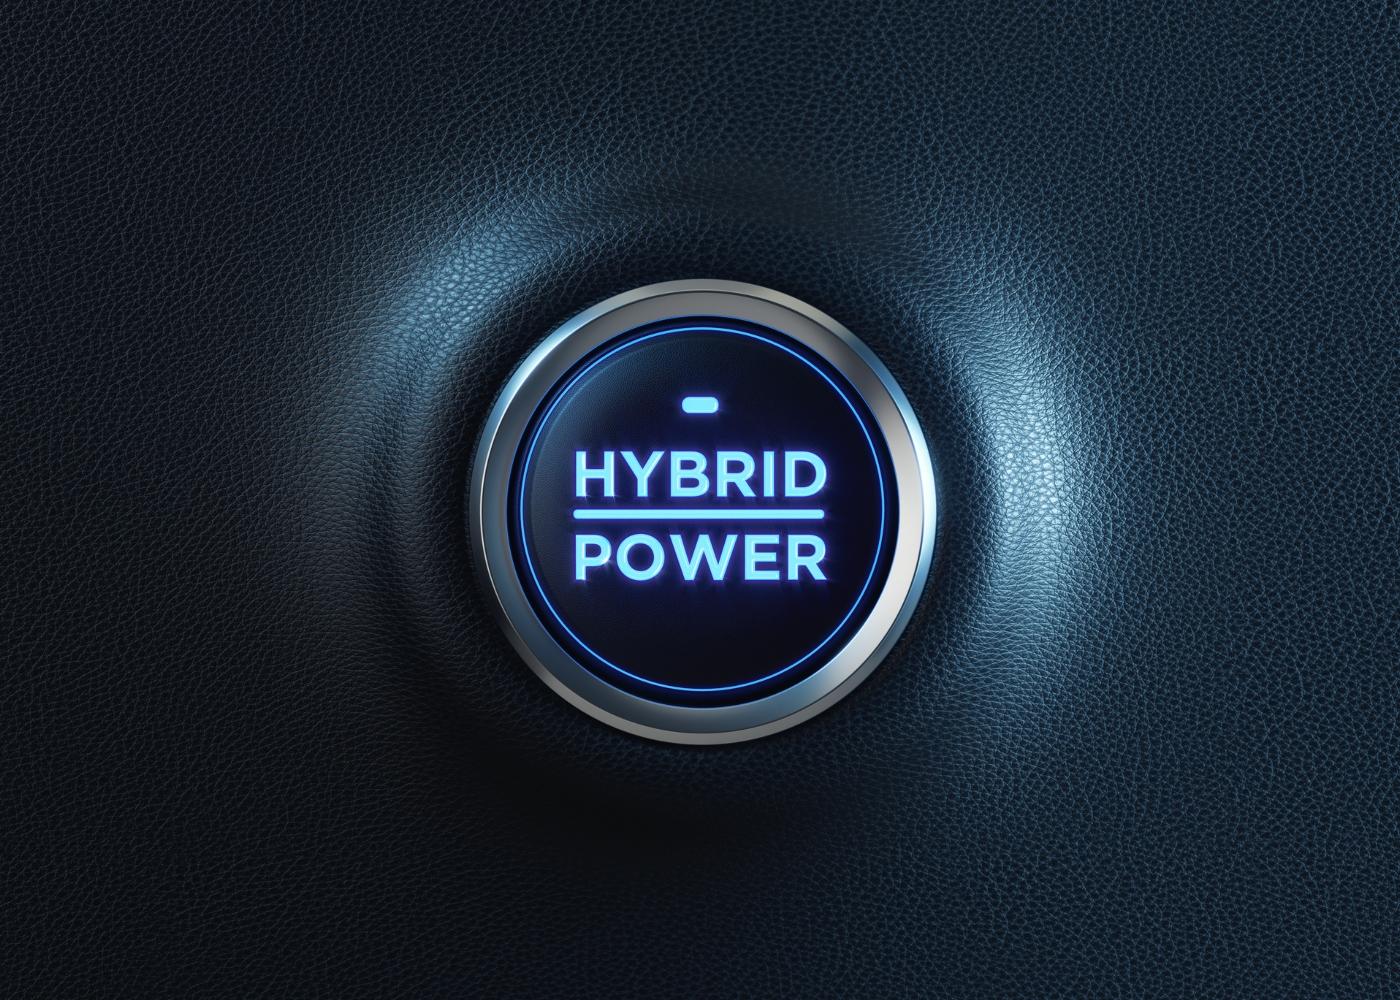 botão a dizer hybrid power a representar carros híbridos com menor consumo